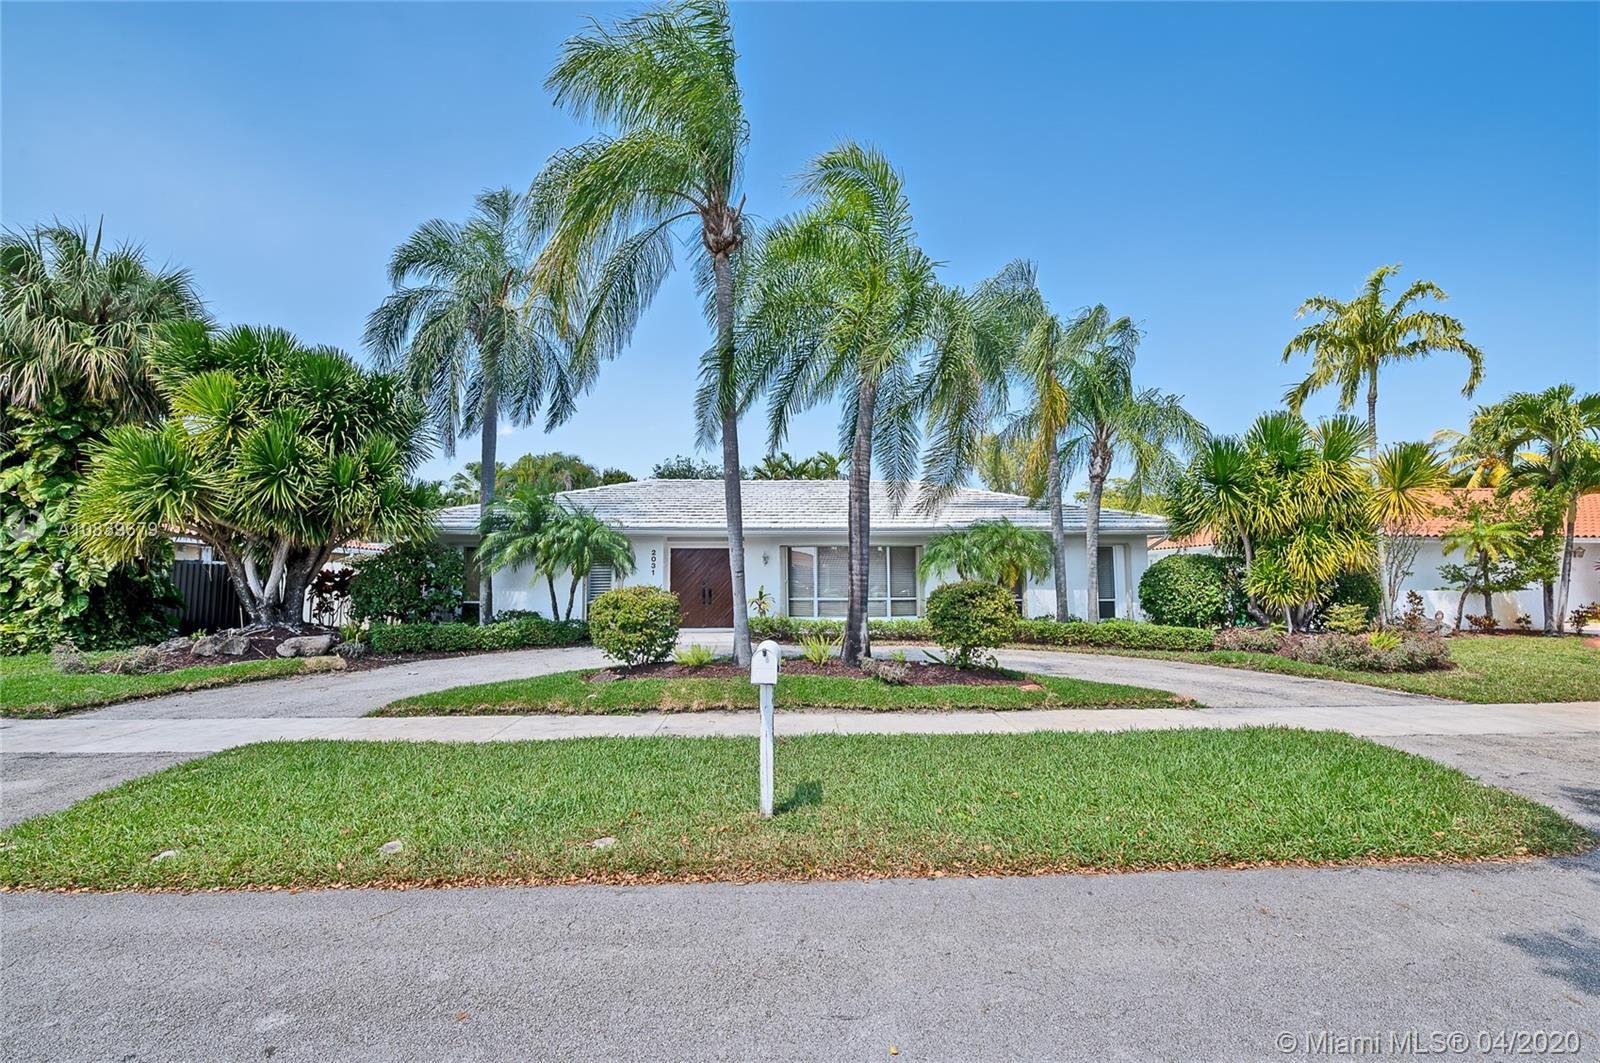 2031 NE 211th Terrace, Miami, FL 33179 - #: A10839679